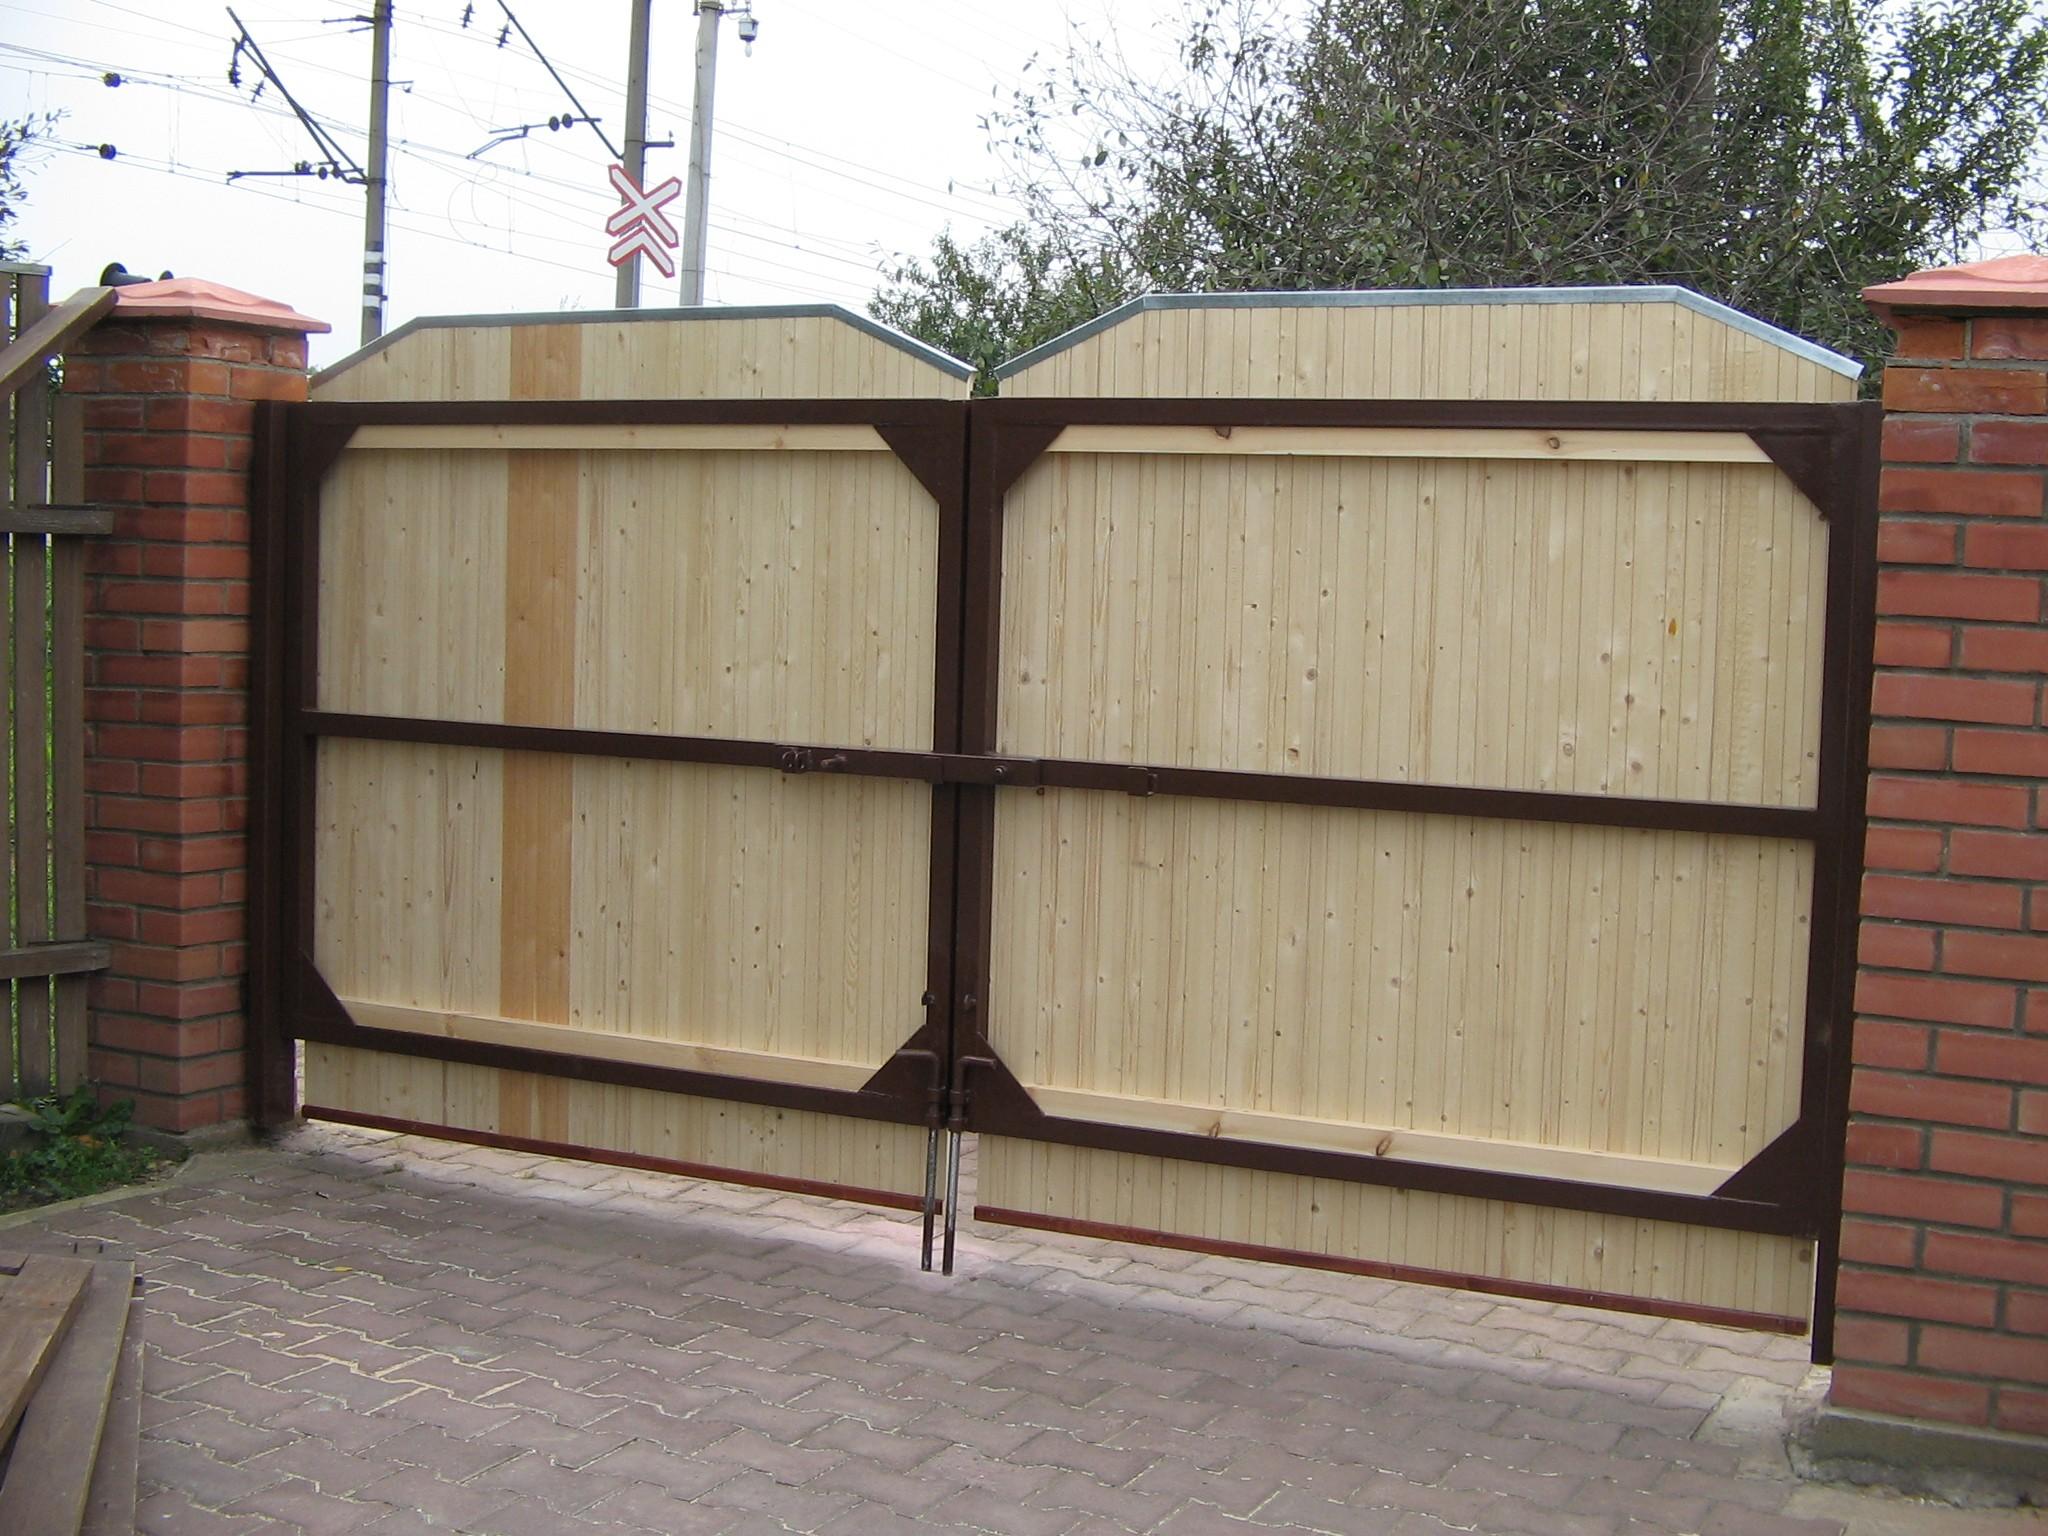 увеличить распашные деревянные ворота фото лучше видно